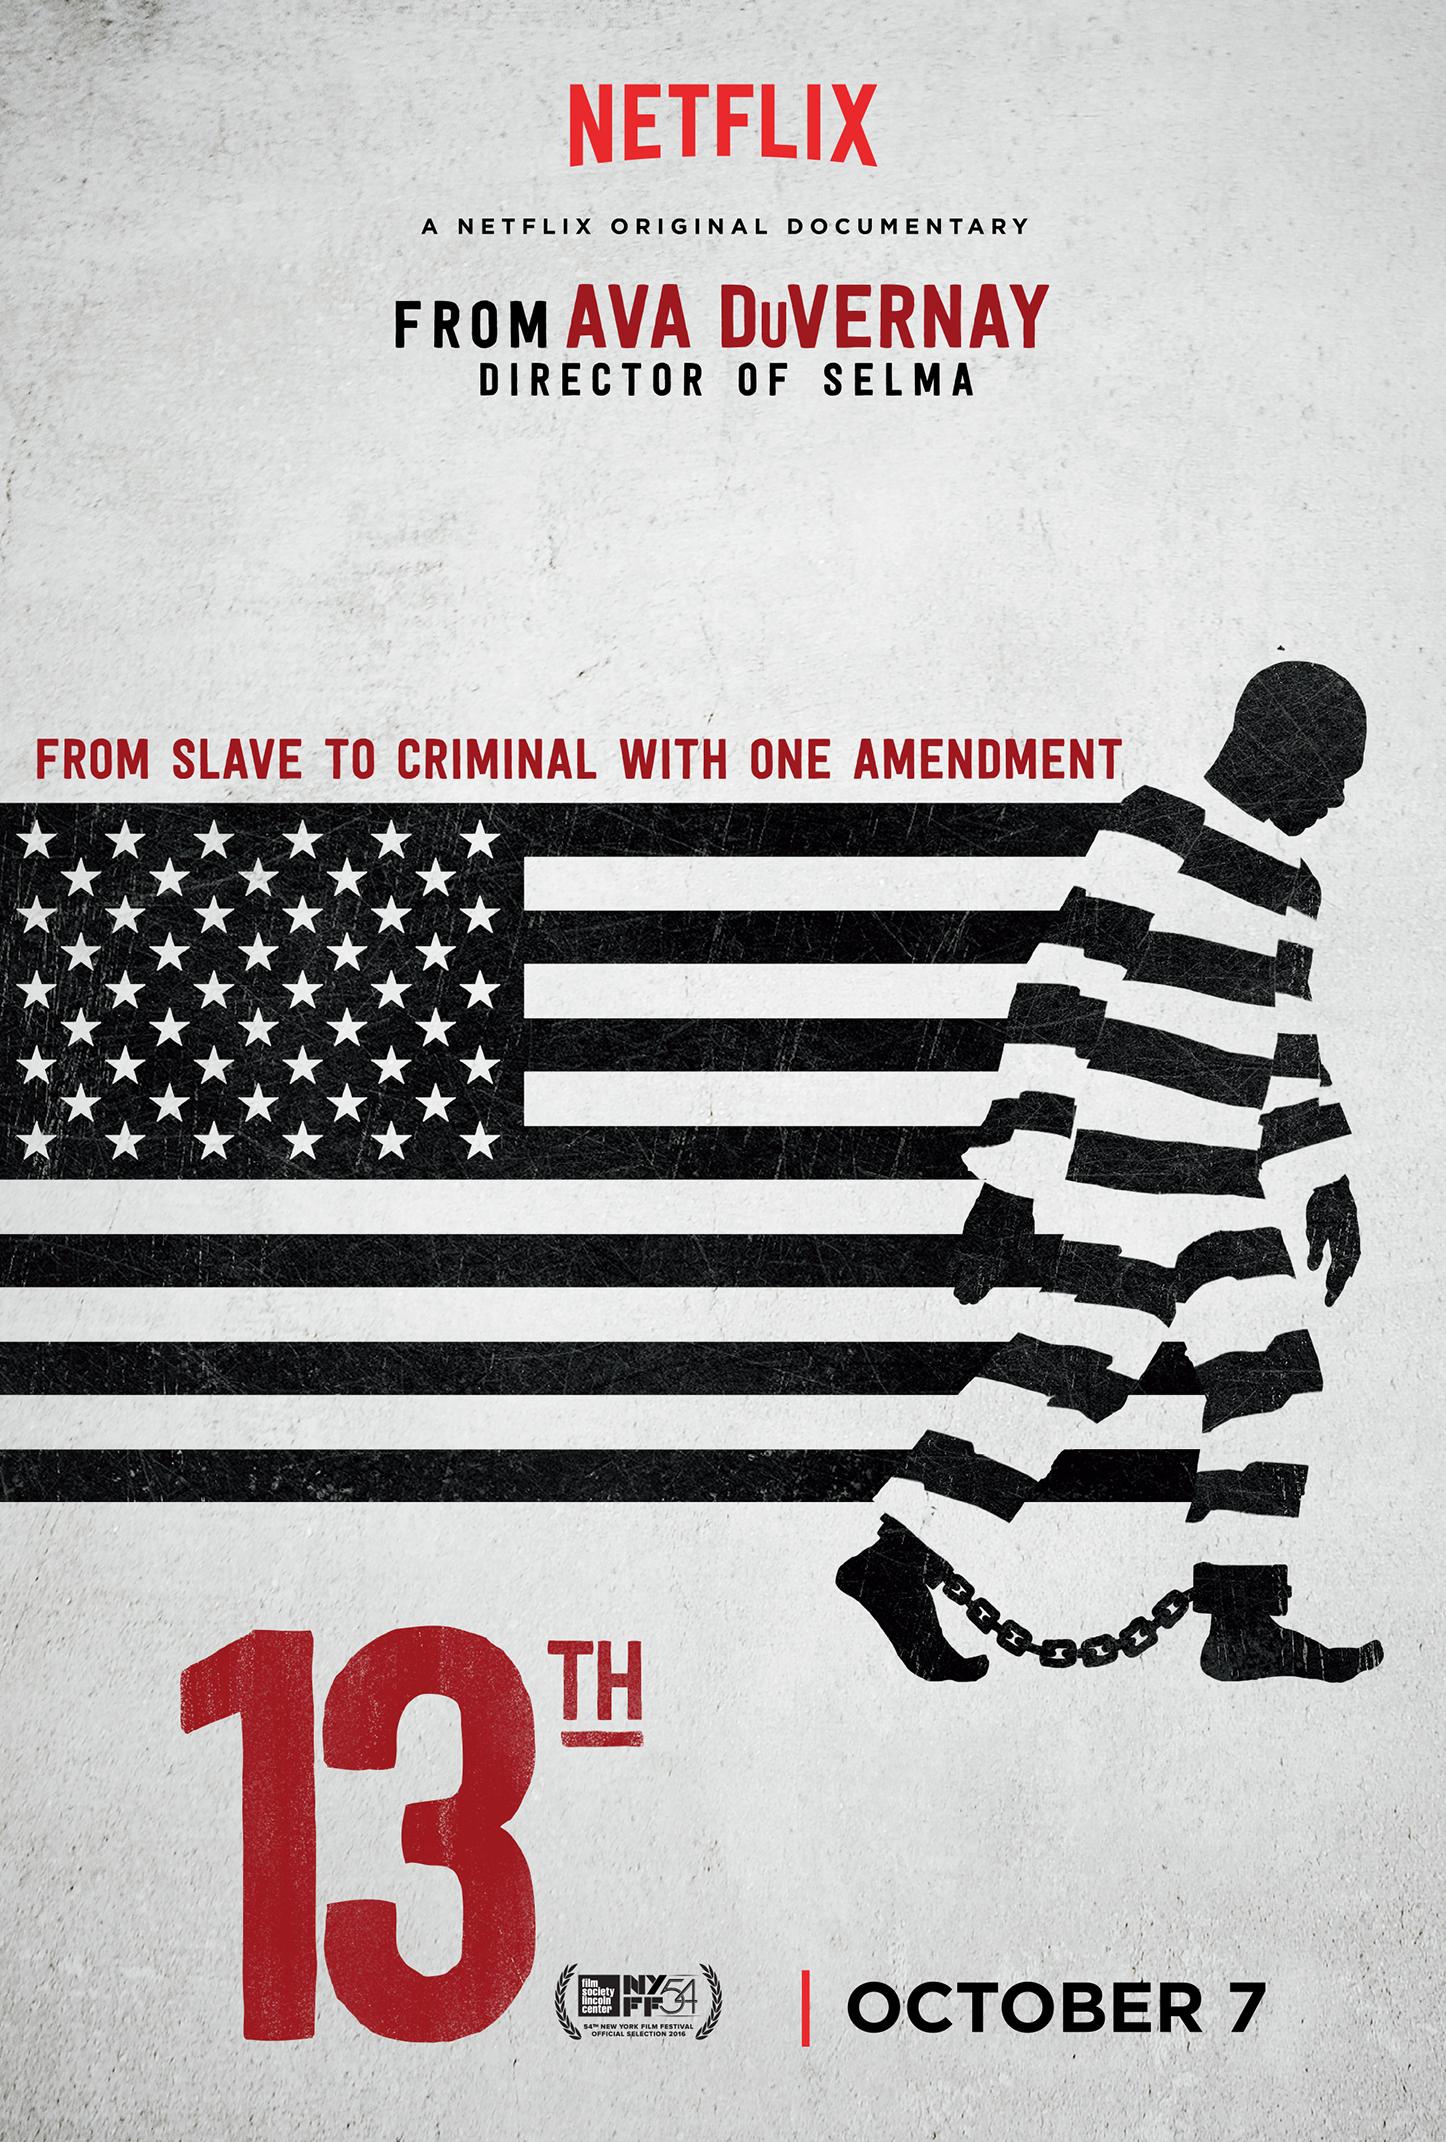 13th, by Ava DuVernay, links slavery and mass incarceration.